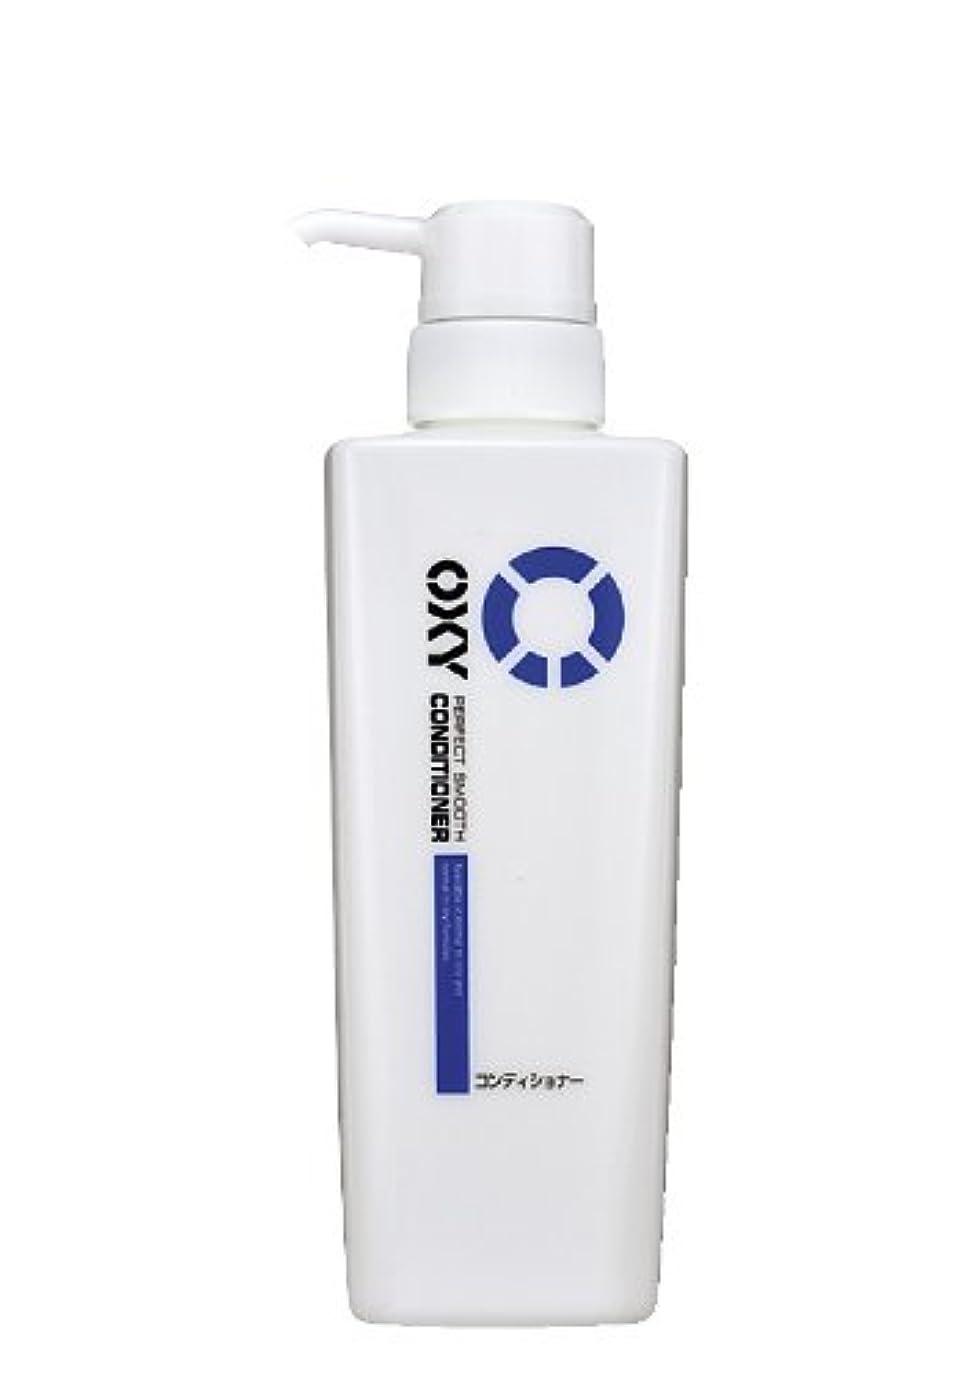 Oxy(オキシー) パーフェクトスムースコンディショナー 400mL